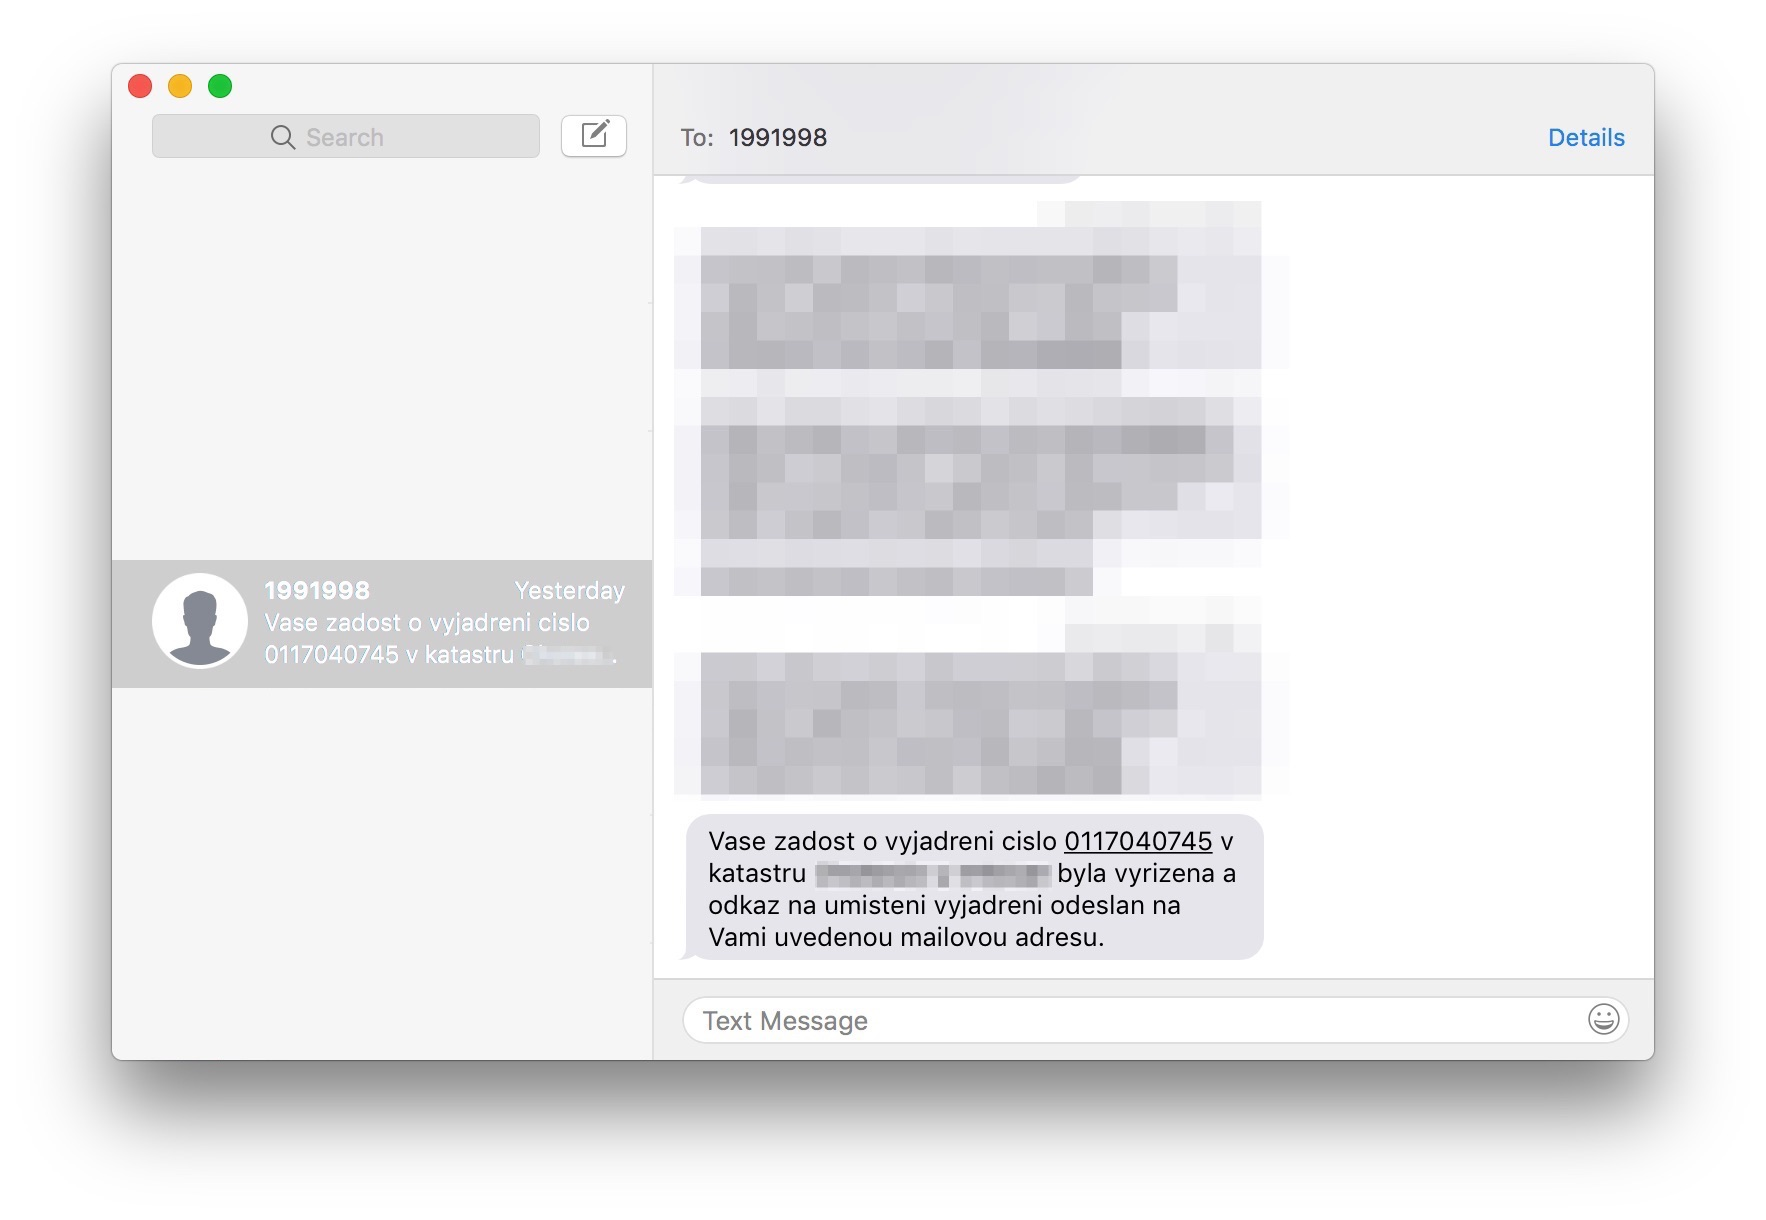 Obrázek obrazovky z aplikace iMessages